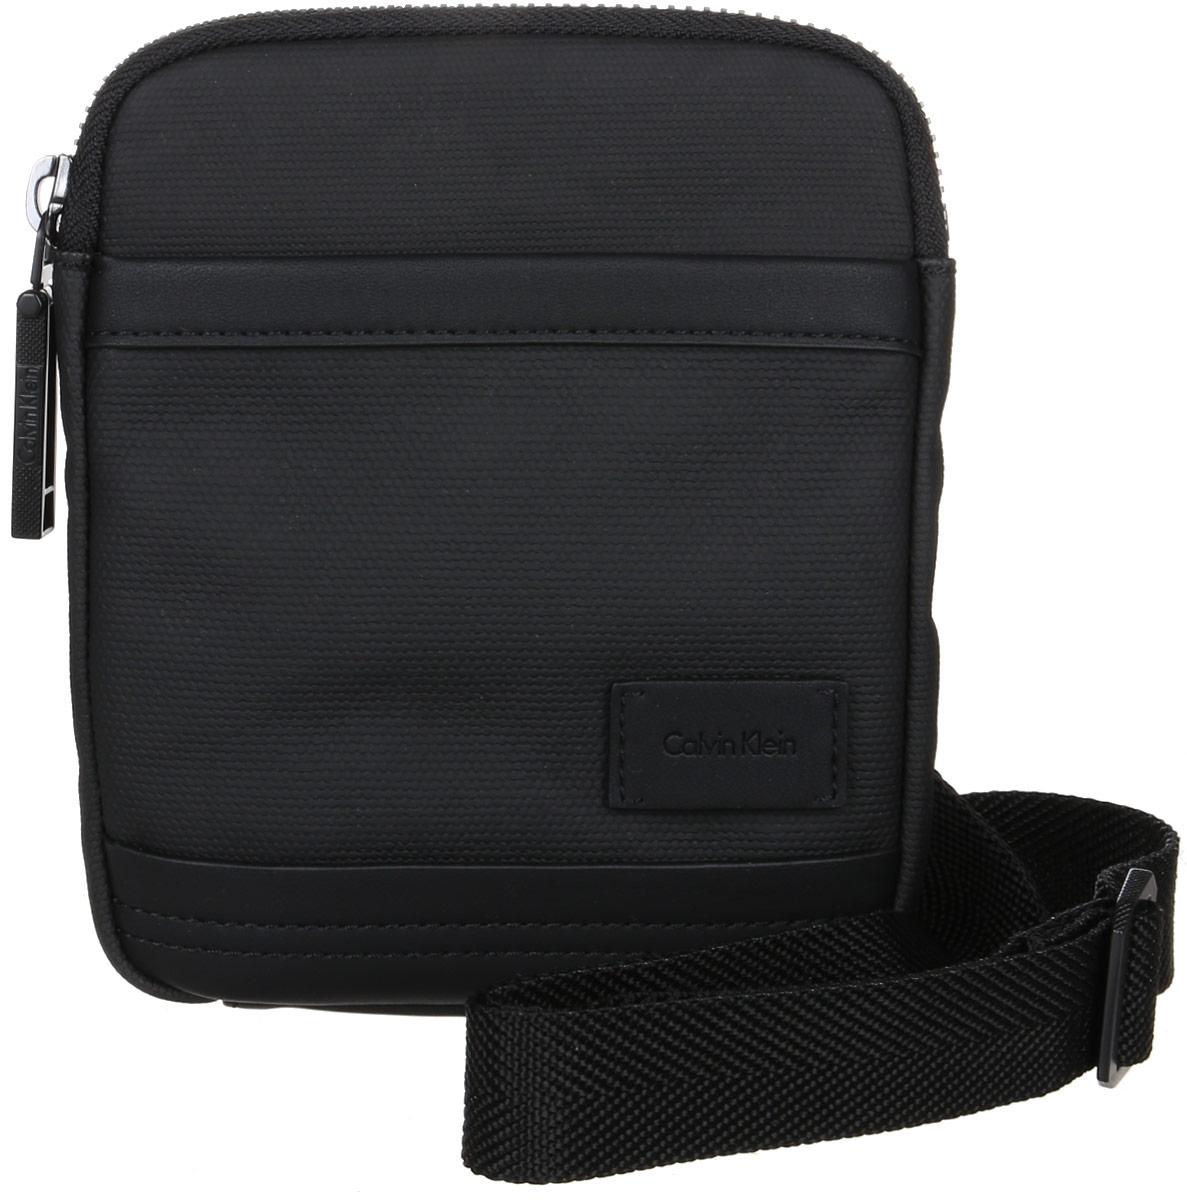 Сумка мужская Calvin Klein Jeans, цвет: черный. K50K501984_001763-014T-17s-8/02-16Стильная сумка Calvin Klein Jeans выполнена из хлопка и полиуретана, оформлена небольшой нашивкой с названием бренда. Изделие содержит одно отделение, которое закрывается на застежку-молнию. Внутри расположены один накладной открытый карман и один прорезной на застежке-молнии. Спереди расположен один открытый накладной карман. Сумка оснащена плечевым ремнем регулируемой длины. В комплекте с изделием поставляется чехол для хранения.